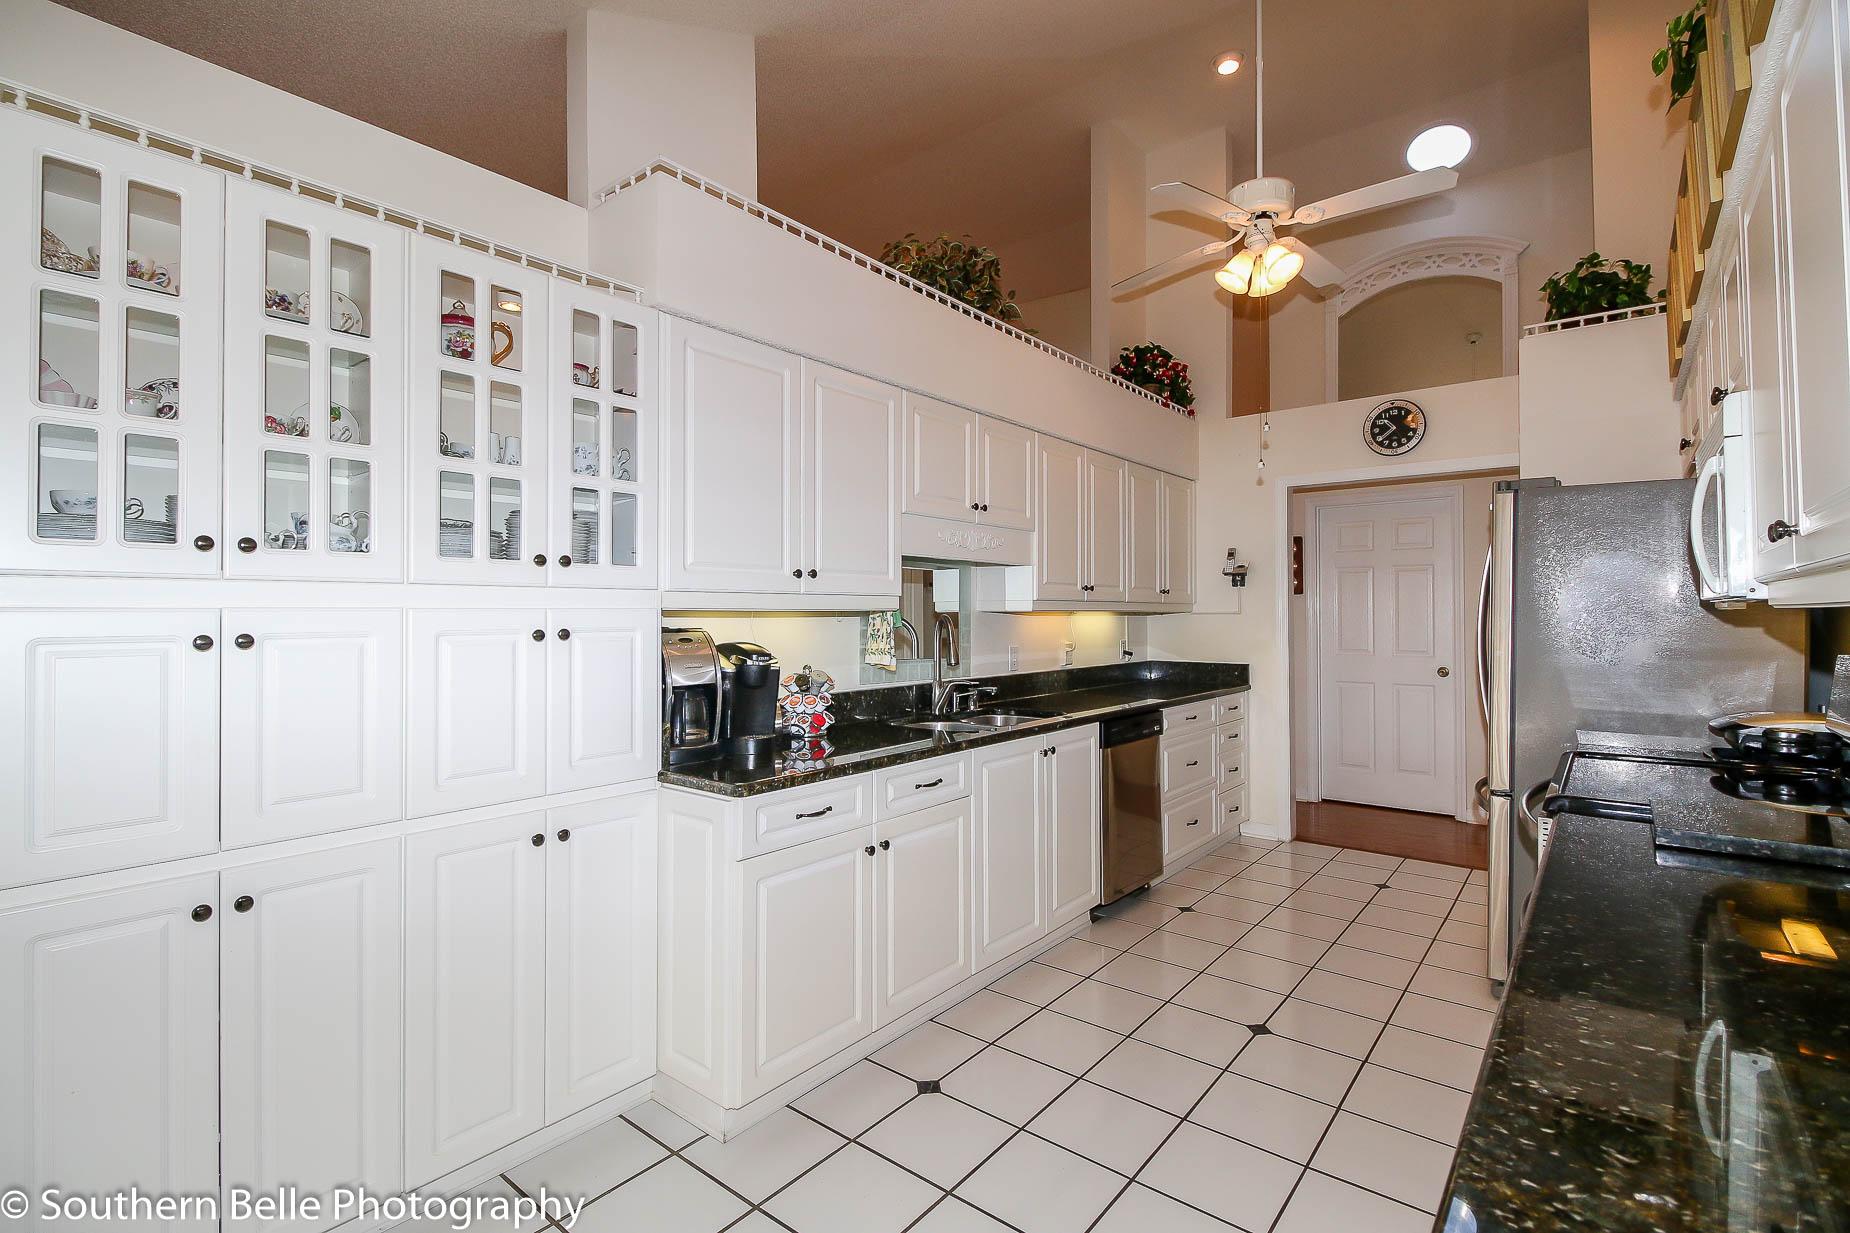 14. Kitchen View WM